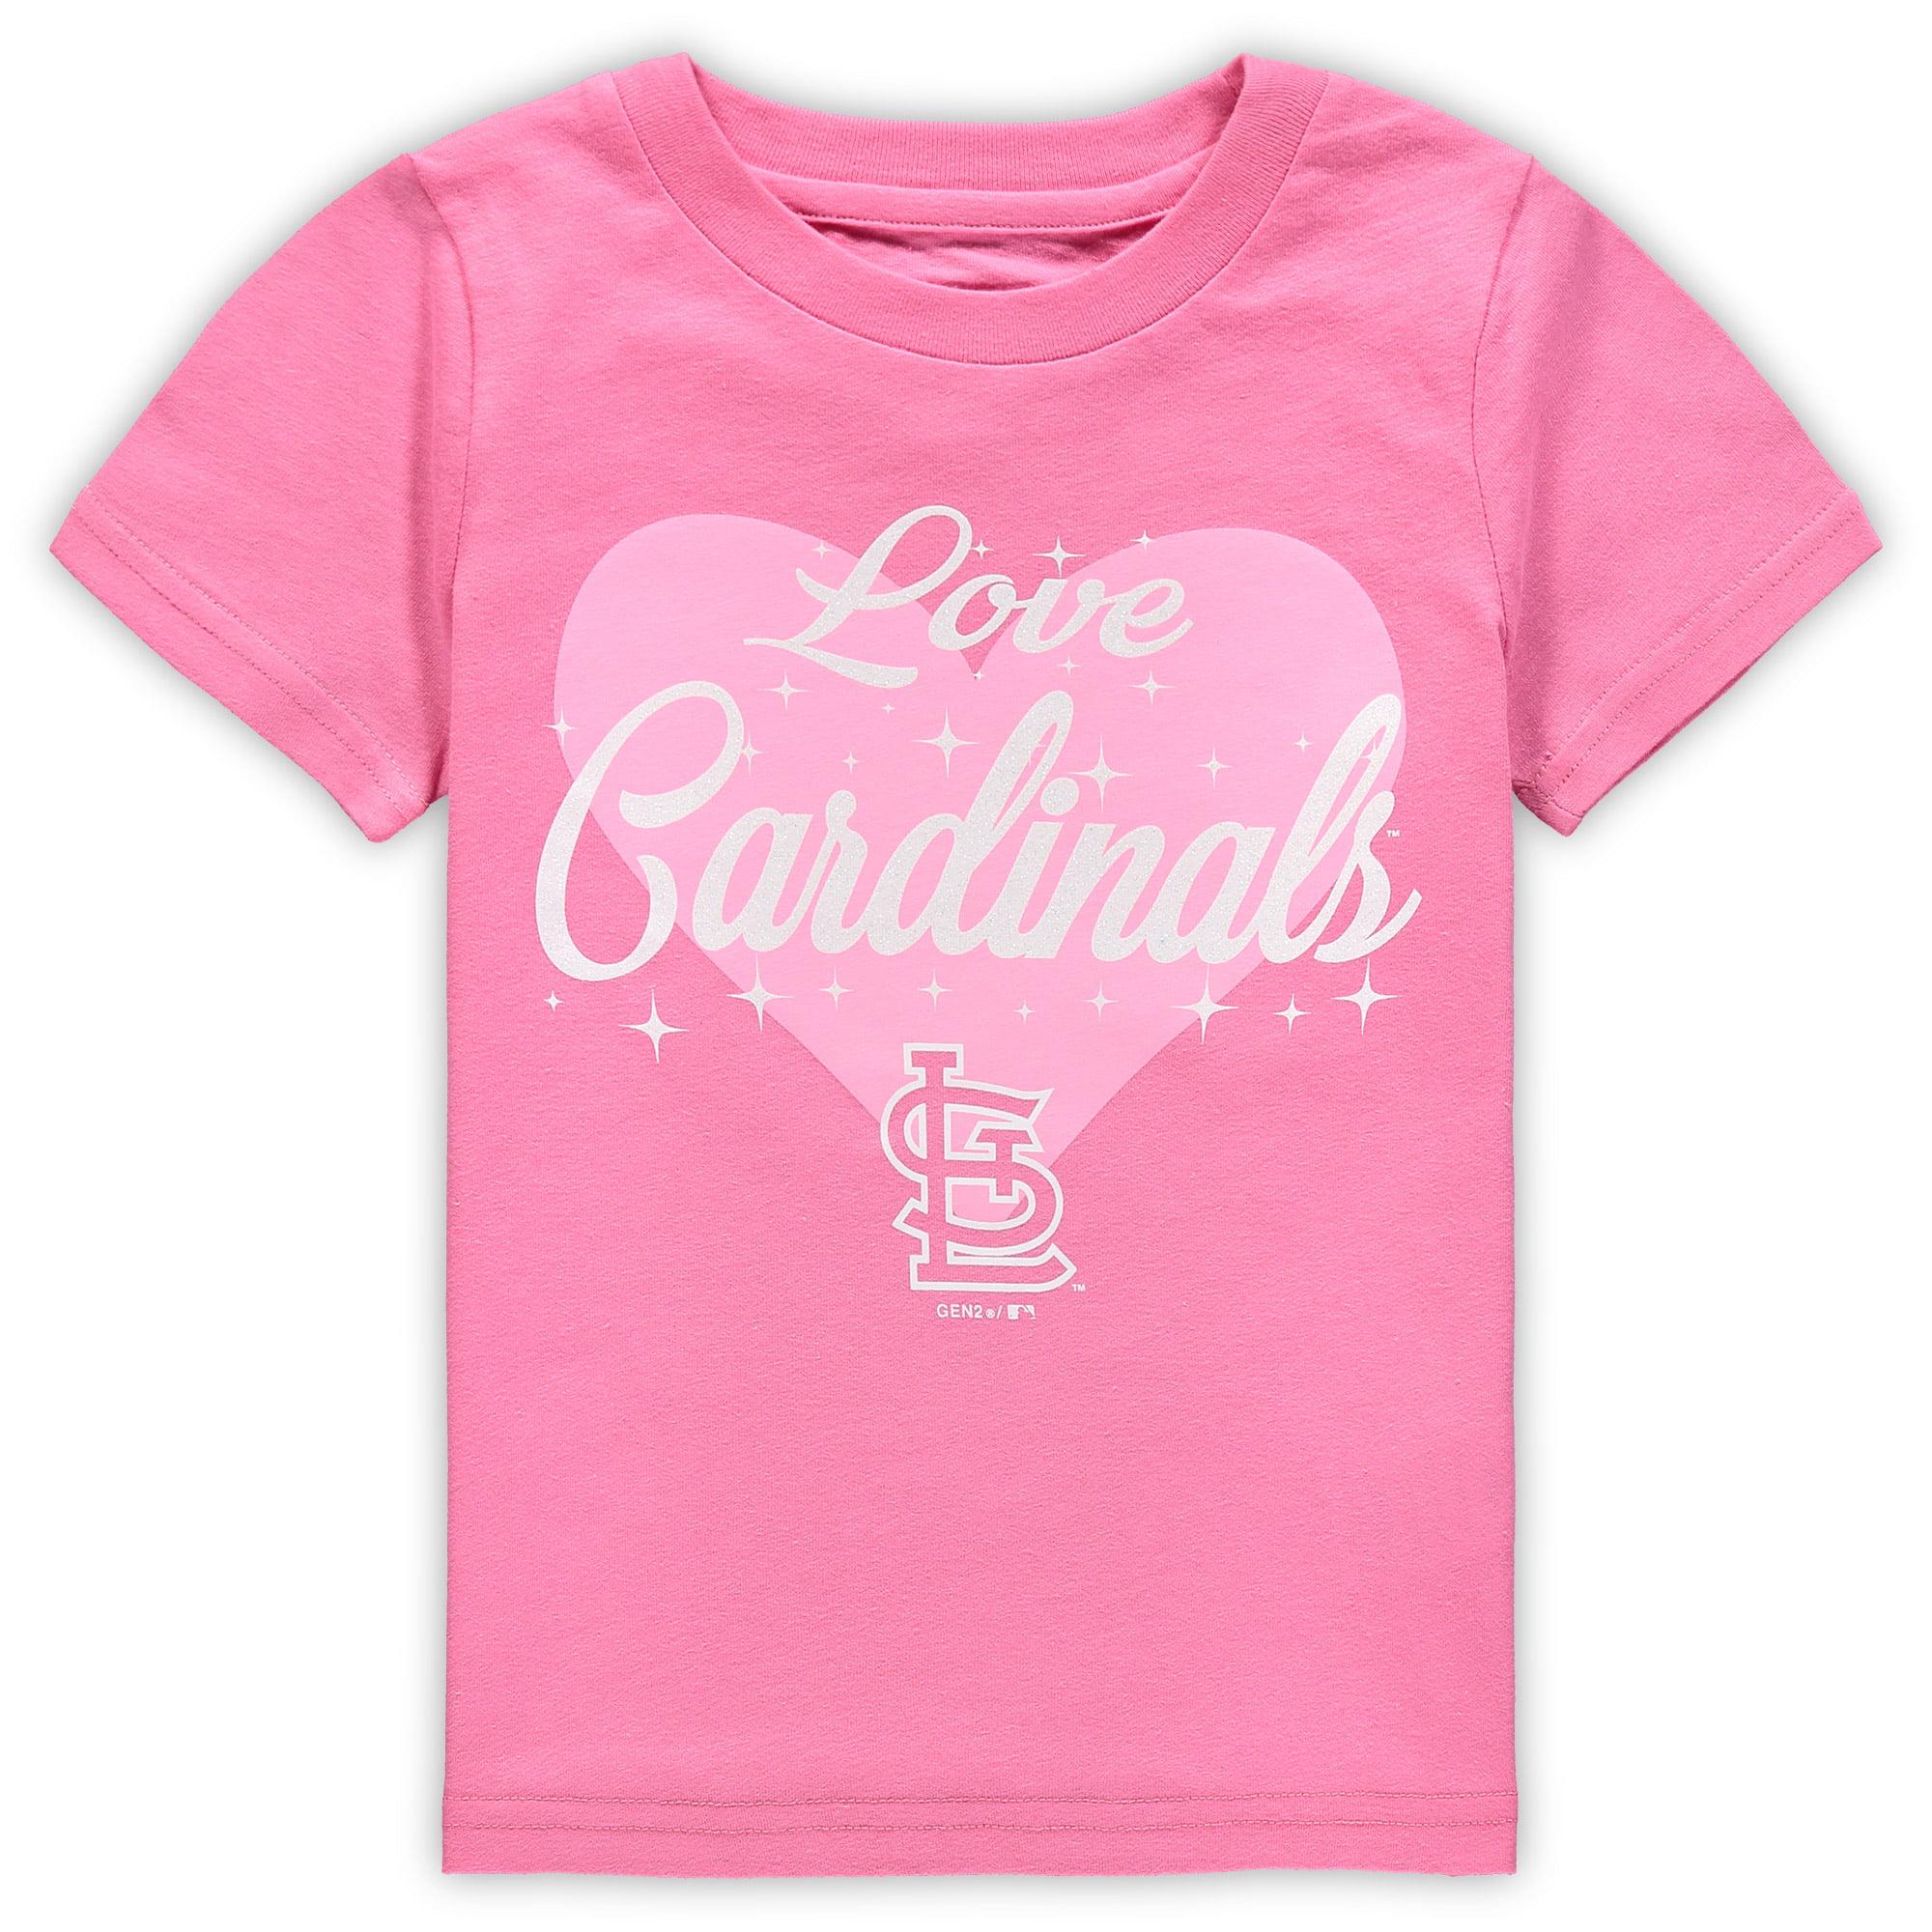 St. Louis Cardinals Girls Preschool Heart Stars T-Shirt - Pink